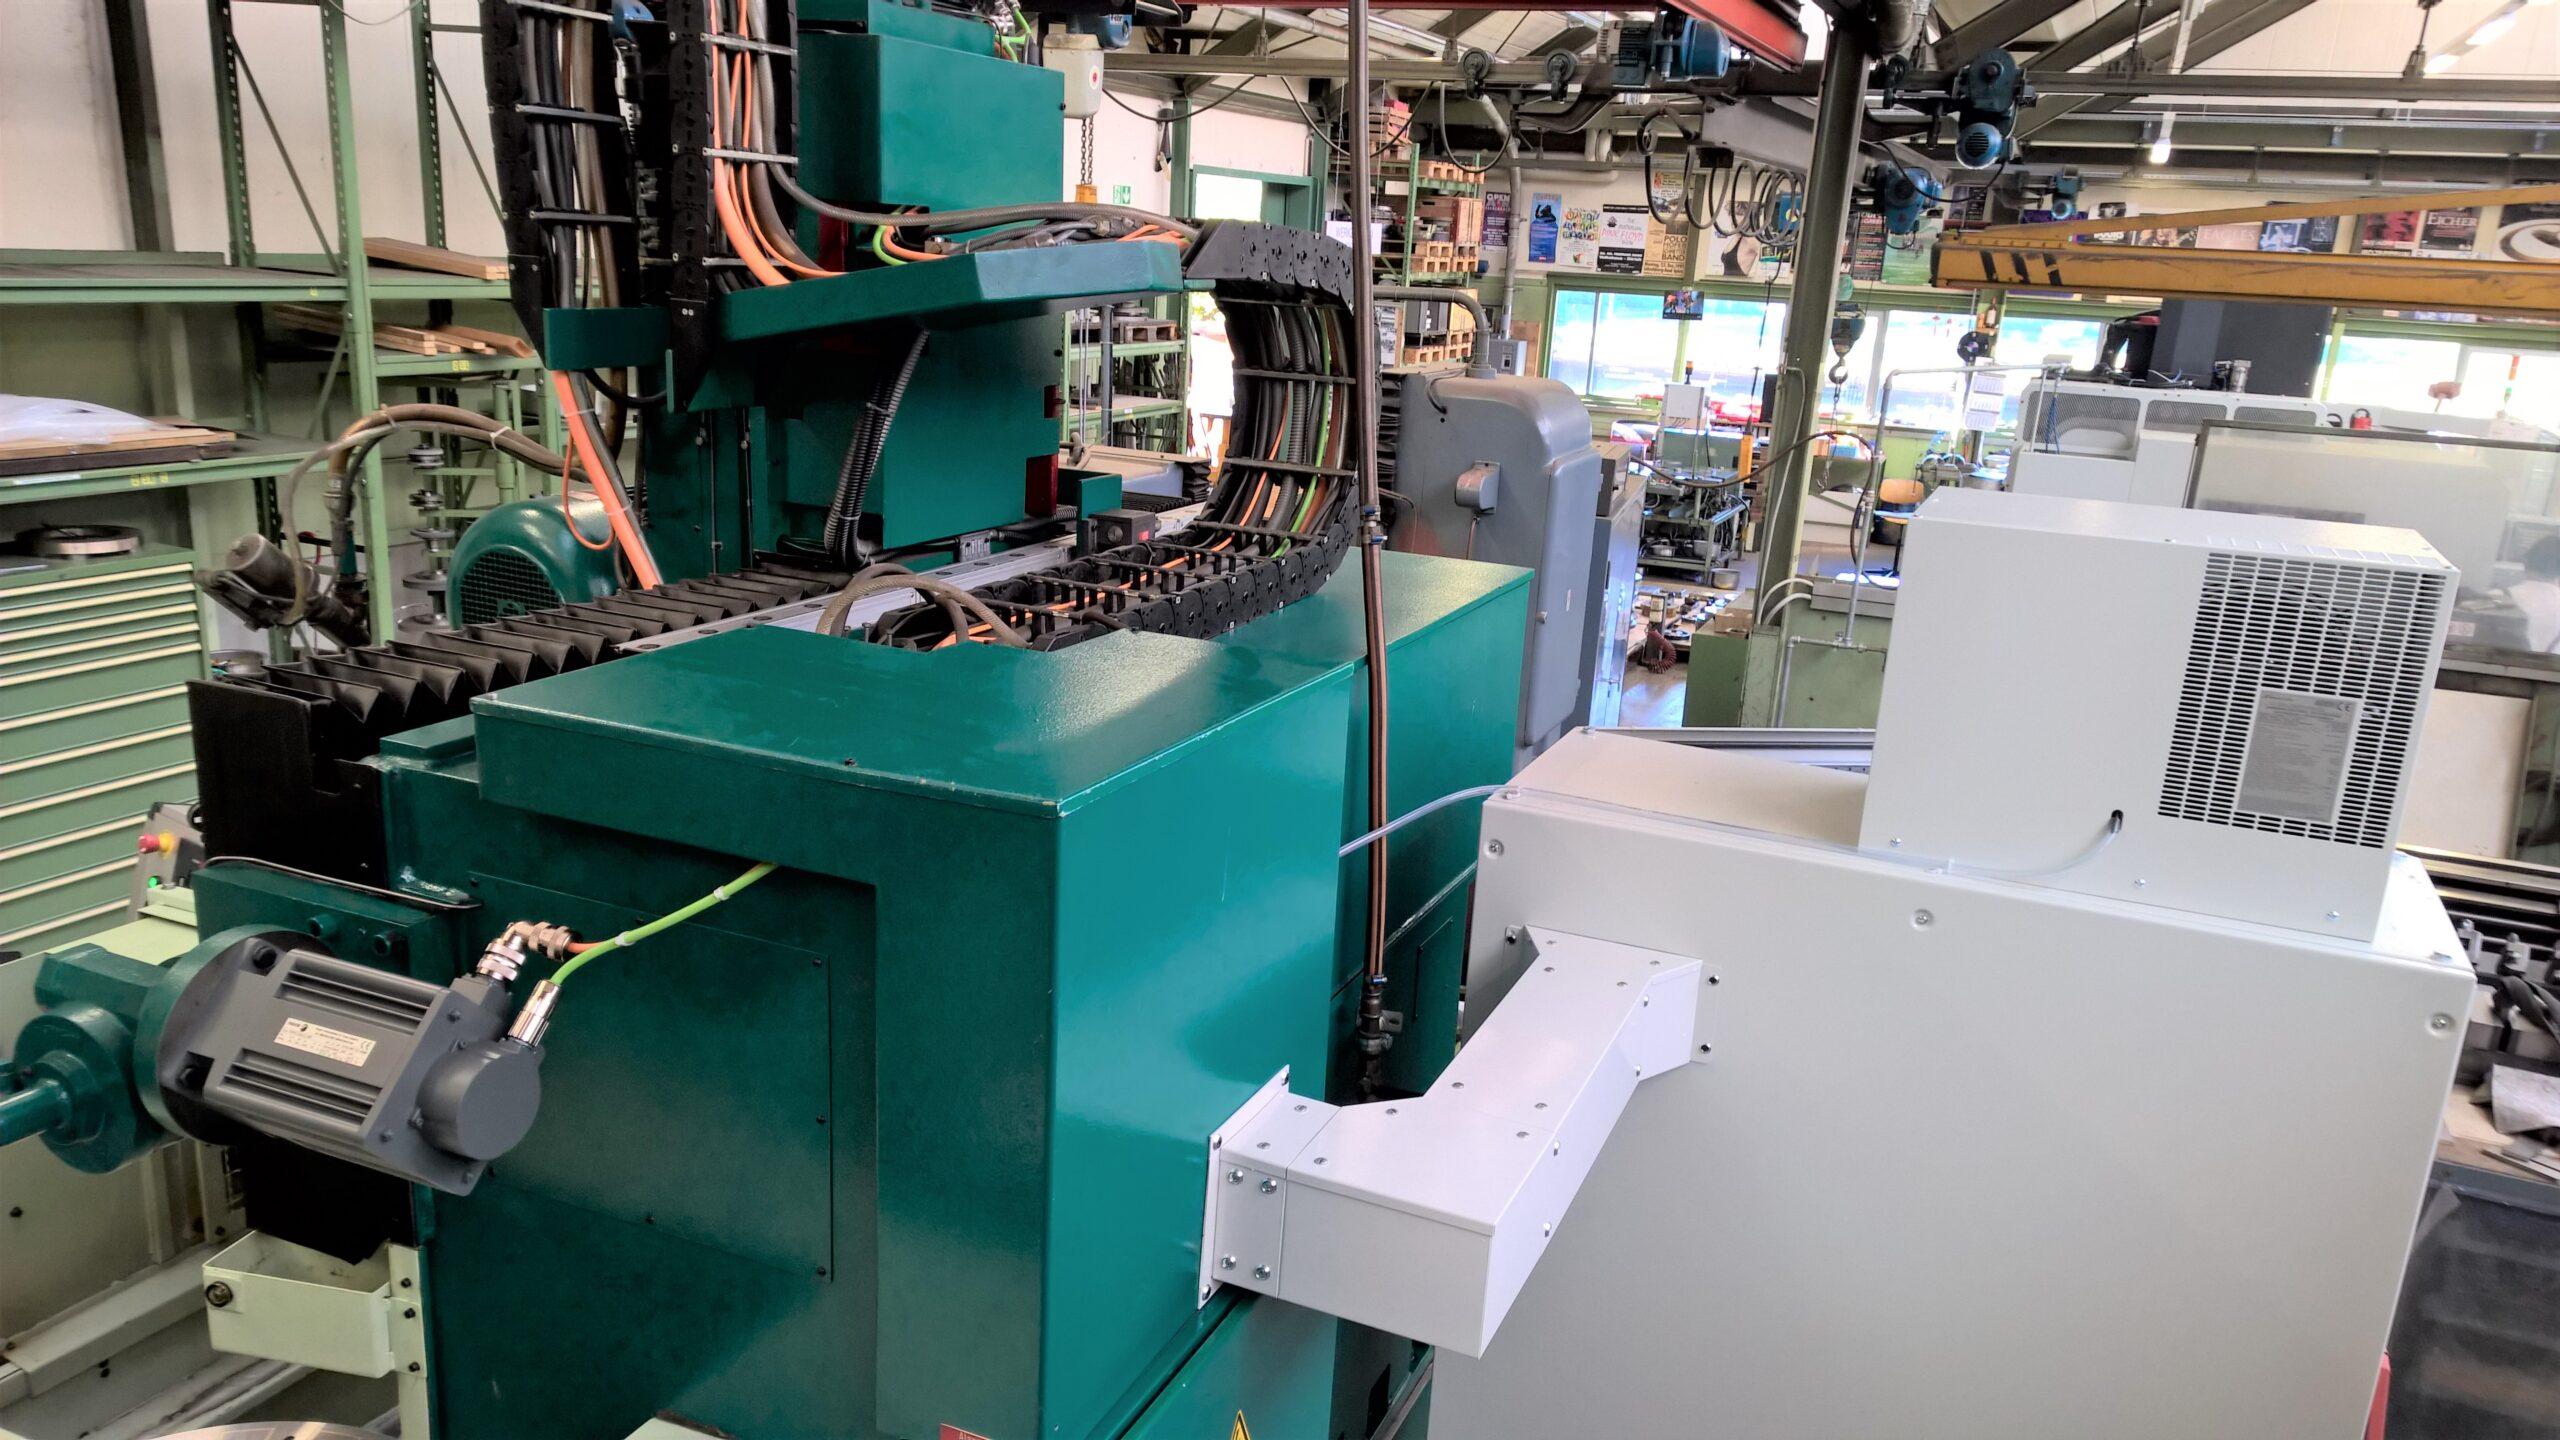 Reform RFSHU750 CNC